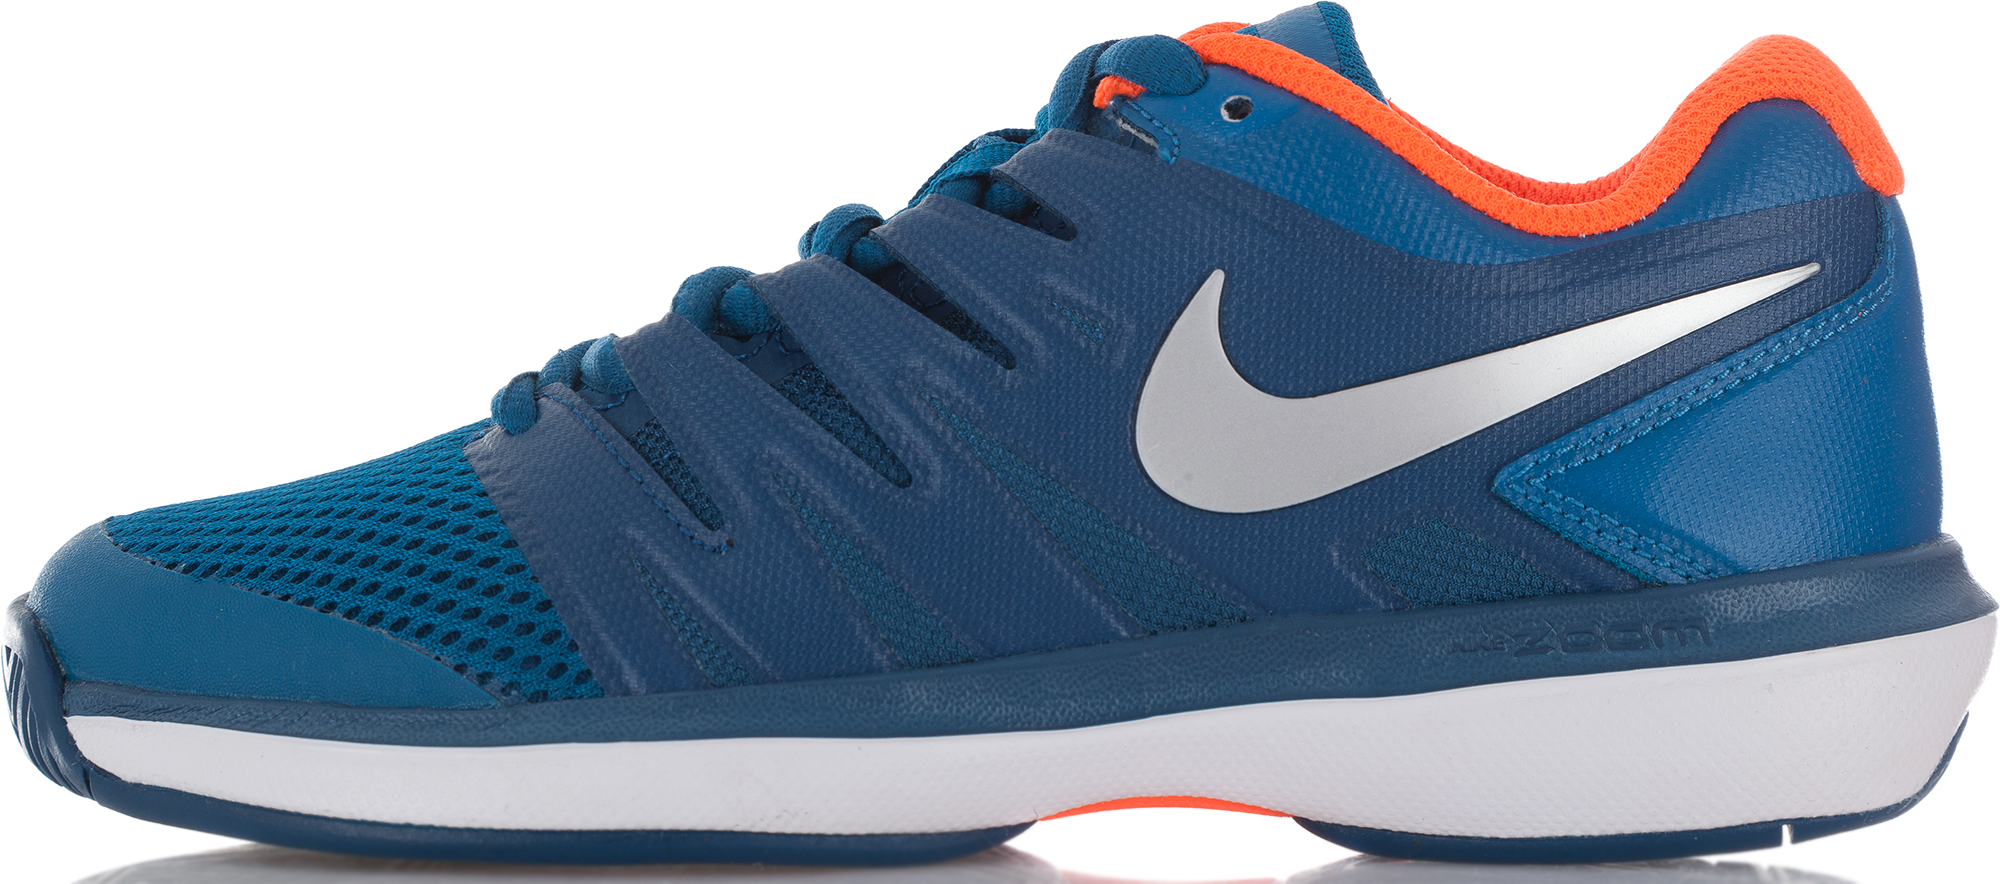 Nike Кроссовки для мальчиков Nike Air Zoom Prestige Hc, размер 39